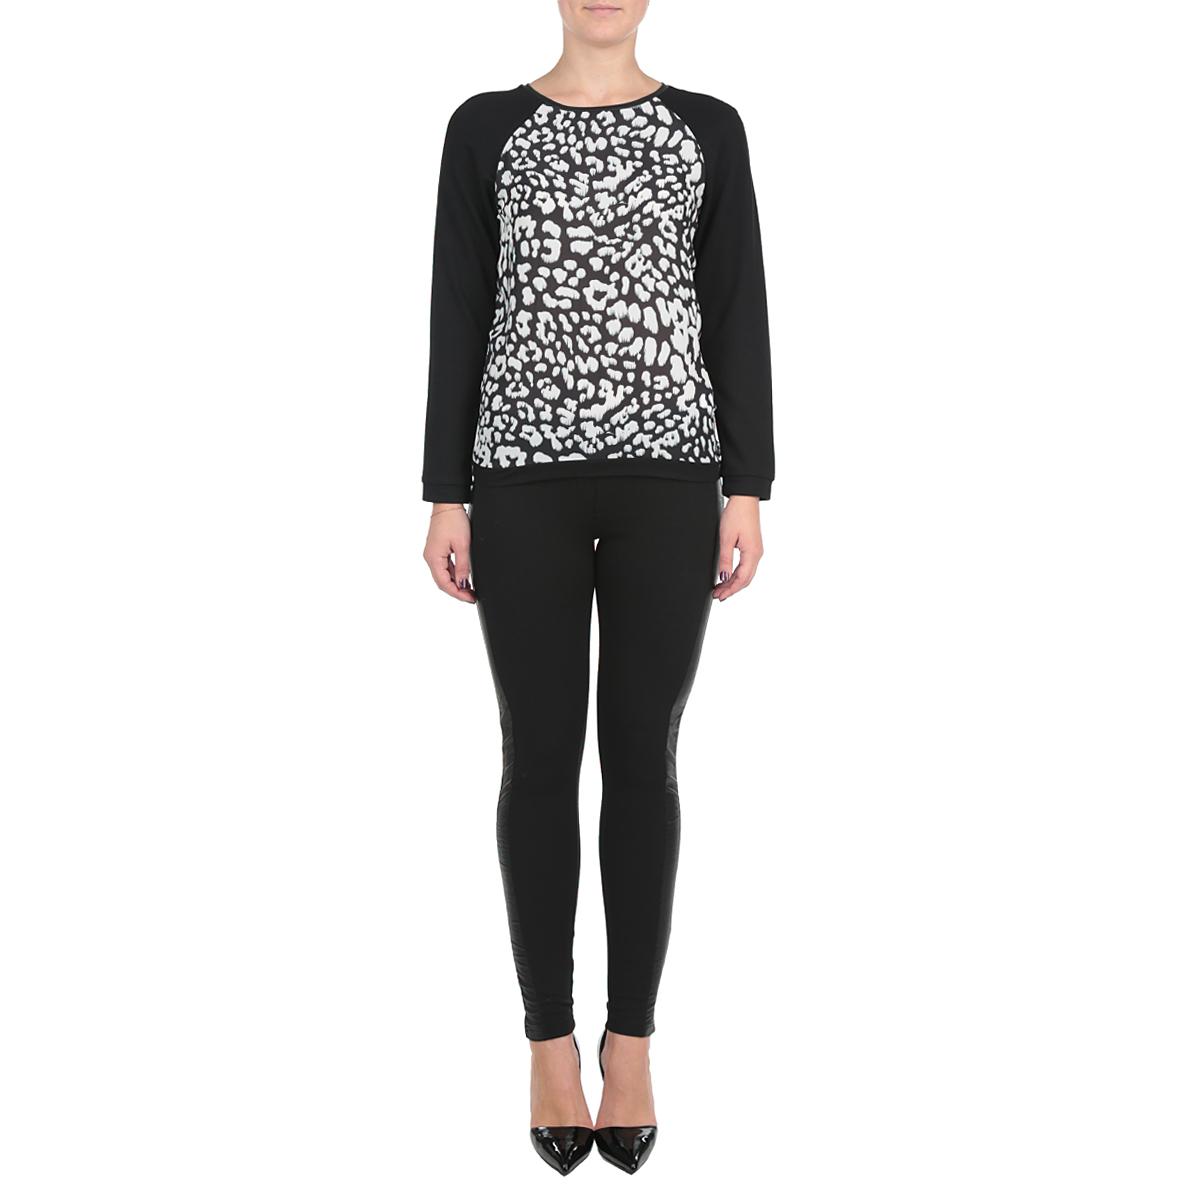 Блуза женская. SBL0359CASBL0359CAСтильная женская блуза Troll выполнена из комбинированного материала, мягкого полиэстера с добавлением вискозы. Благодаря своей универсальности модель идеально впишется в любой гардероб. Модель свободного кроя с длинными рукавами реглан и круглым вырезом горловины. Эта практичная вещь, несомненно, впишется в ваш гардероб, в ней вы будете чувствовать себя модно и комфортно.